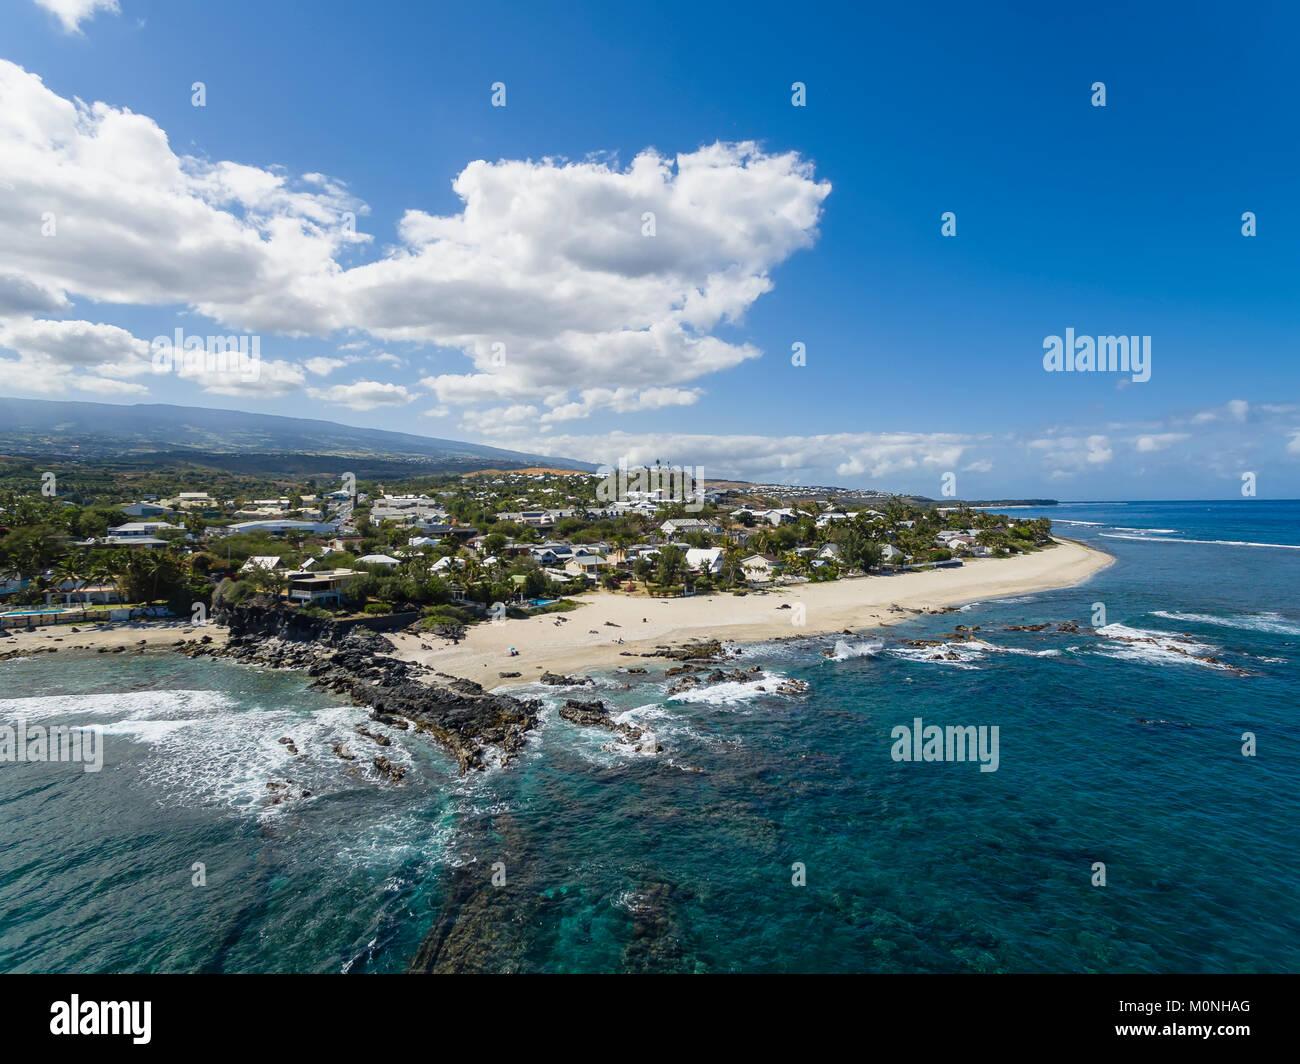 La réunion et la côte ouest, Grand Fond, plages Plage des Aigrettes et Plage Cap Homard Photo Stock